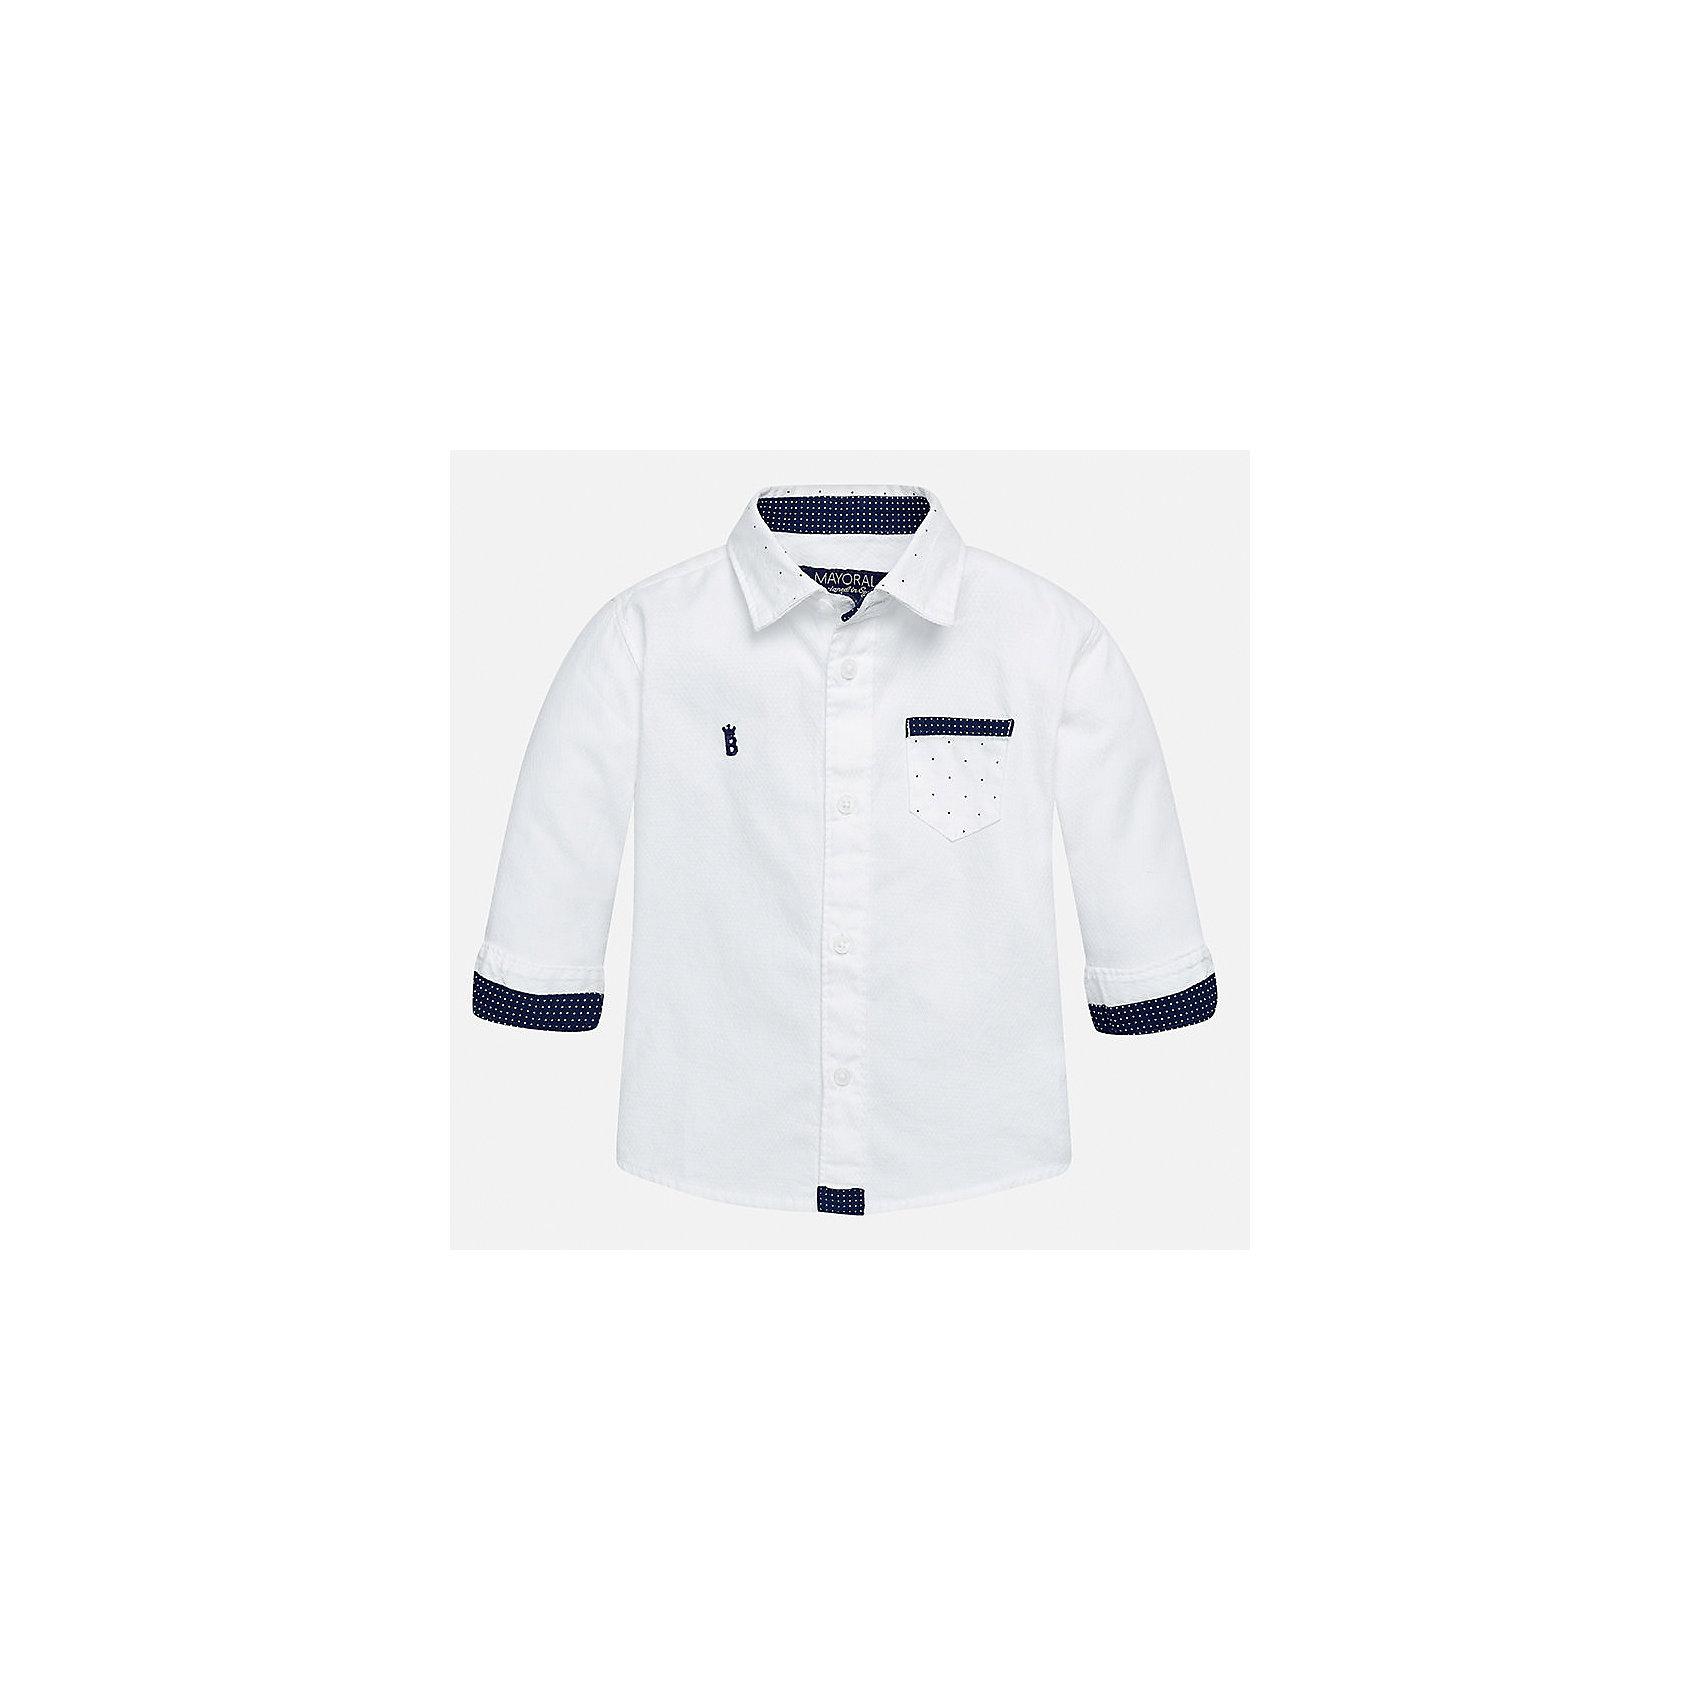 Рубашка для мальчика MayoralБлузки и рубашки<br>Характеристики товара:<br><br>• цвет: белый<br>• состав ткани: 100% хлопок<br>• сезон: демисезон<br>• особенности модели: школьная<br>• застежка: пуговицы<br>• длинные рукава<br>• страна бренда: Испания<br>• страна изготовитель: Индия<br><br>Рубашка с длинным рукавом для мальчика отличается стильным продуманным дизайном. Модная детская рубашка сделана из дышащего приятного на ощупь материала. Благодаря продуманному крою детской рубашки создаются комфортные условия для тела. <br><br>Рубашку для мальчика Mayoral (Майорал) можно купить в нашем интернет-магазине.<br><br>Ширина мм: 174<br>Глубина мм: 10<br>Высота мм: 169<br>Вес г: 157<br>Цвет: белый<br>Возраст от месяцев: 24<br>Возраст до месяцев: 36<br>Пол: Мужской<br>Возраст: Детский<br>Размер: 98,80,86,92<br>SKU: 6935070